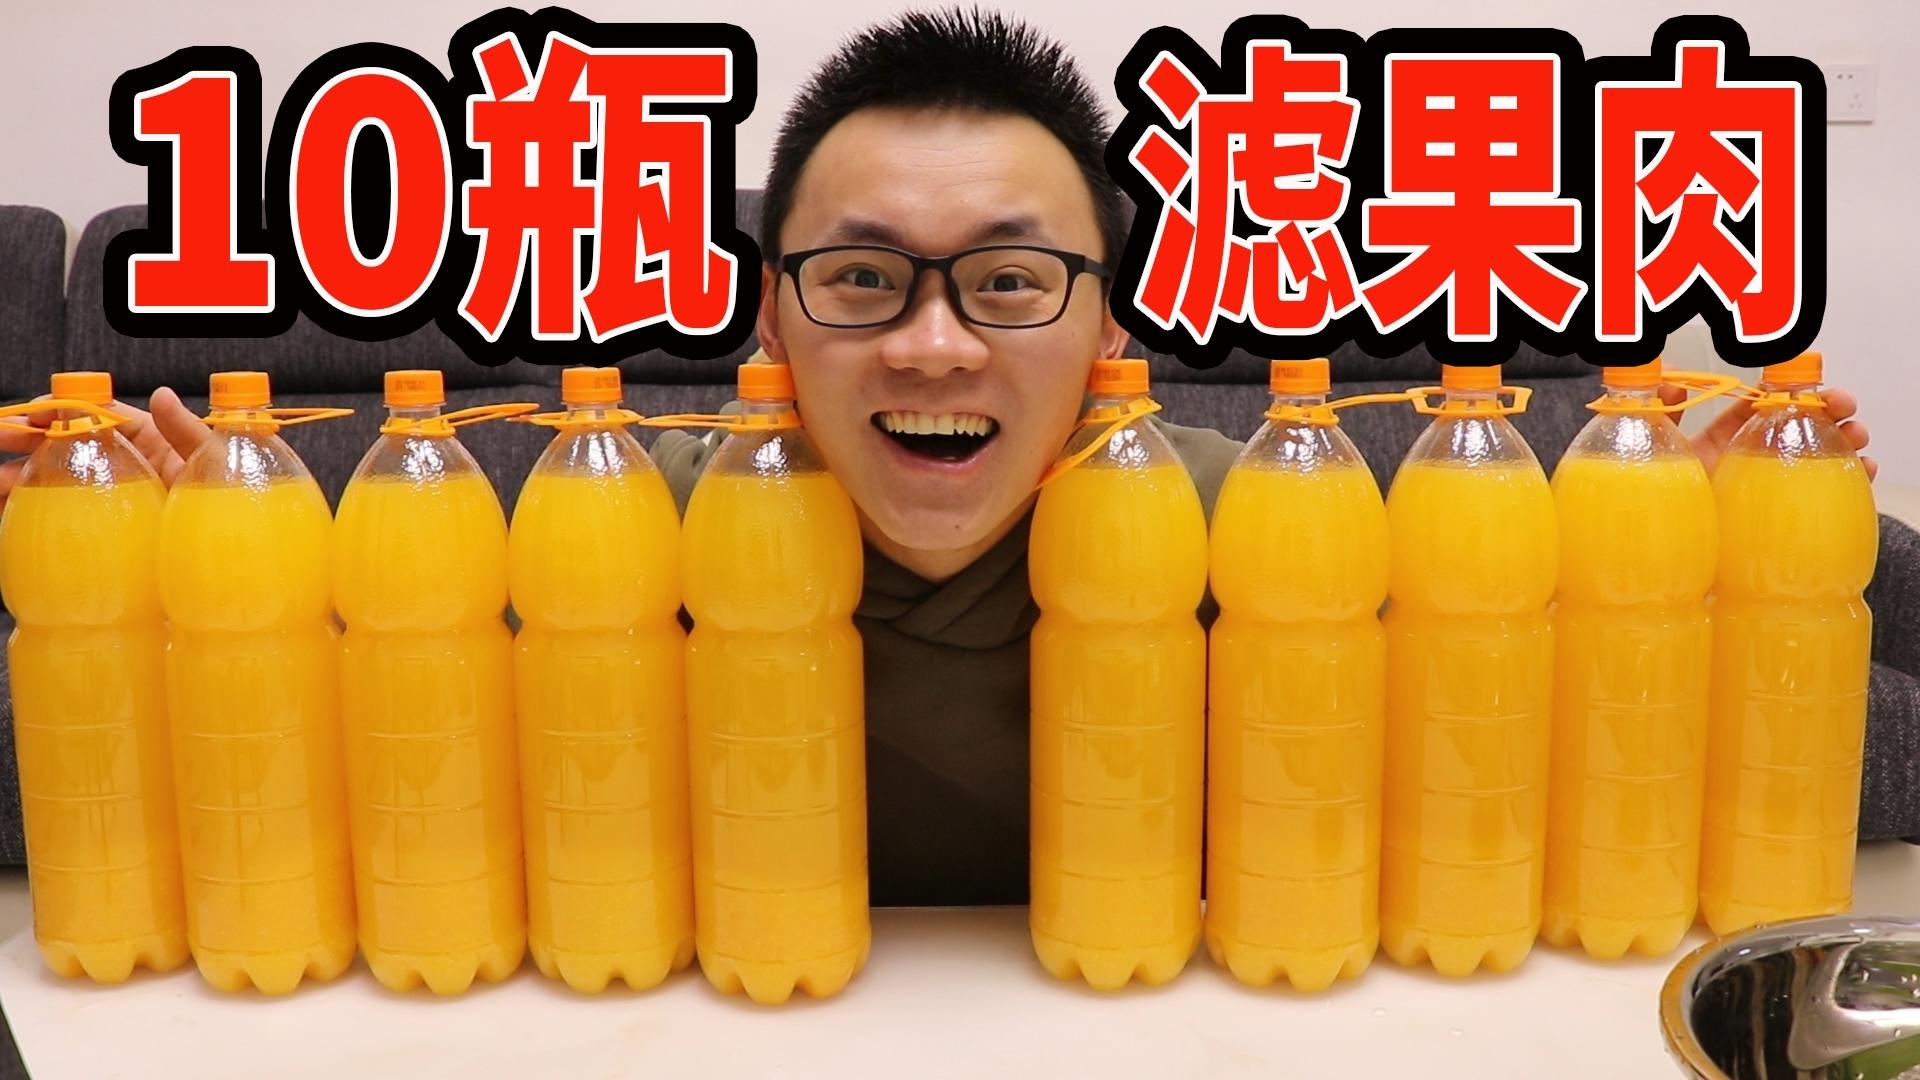 小伙买10大瓶果粒橙,把果肉过滤出来,一口气吃果肉能吃饱吗?